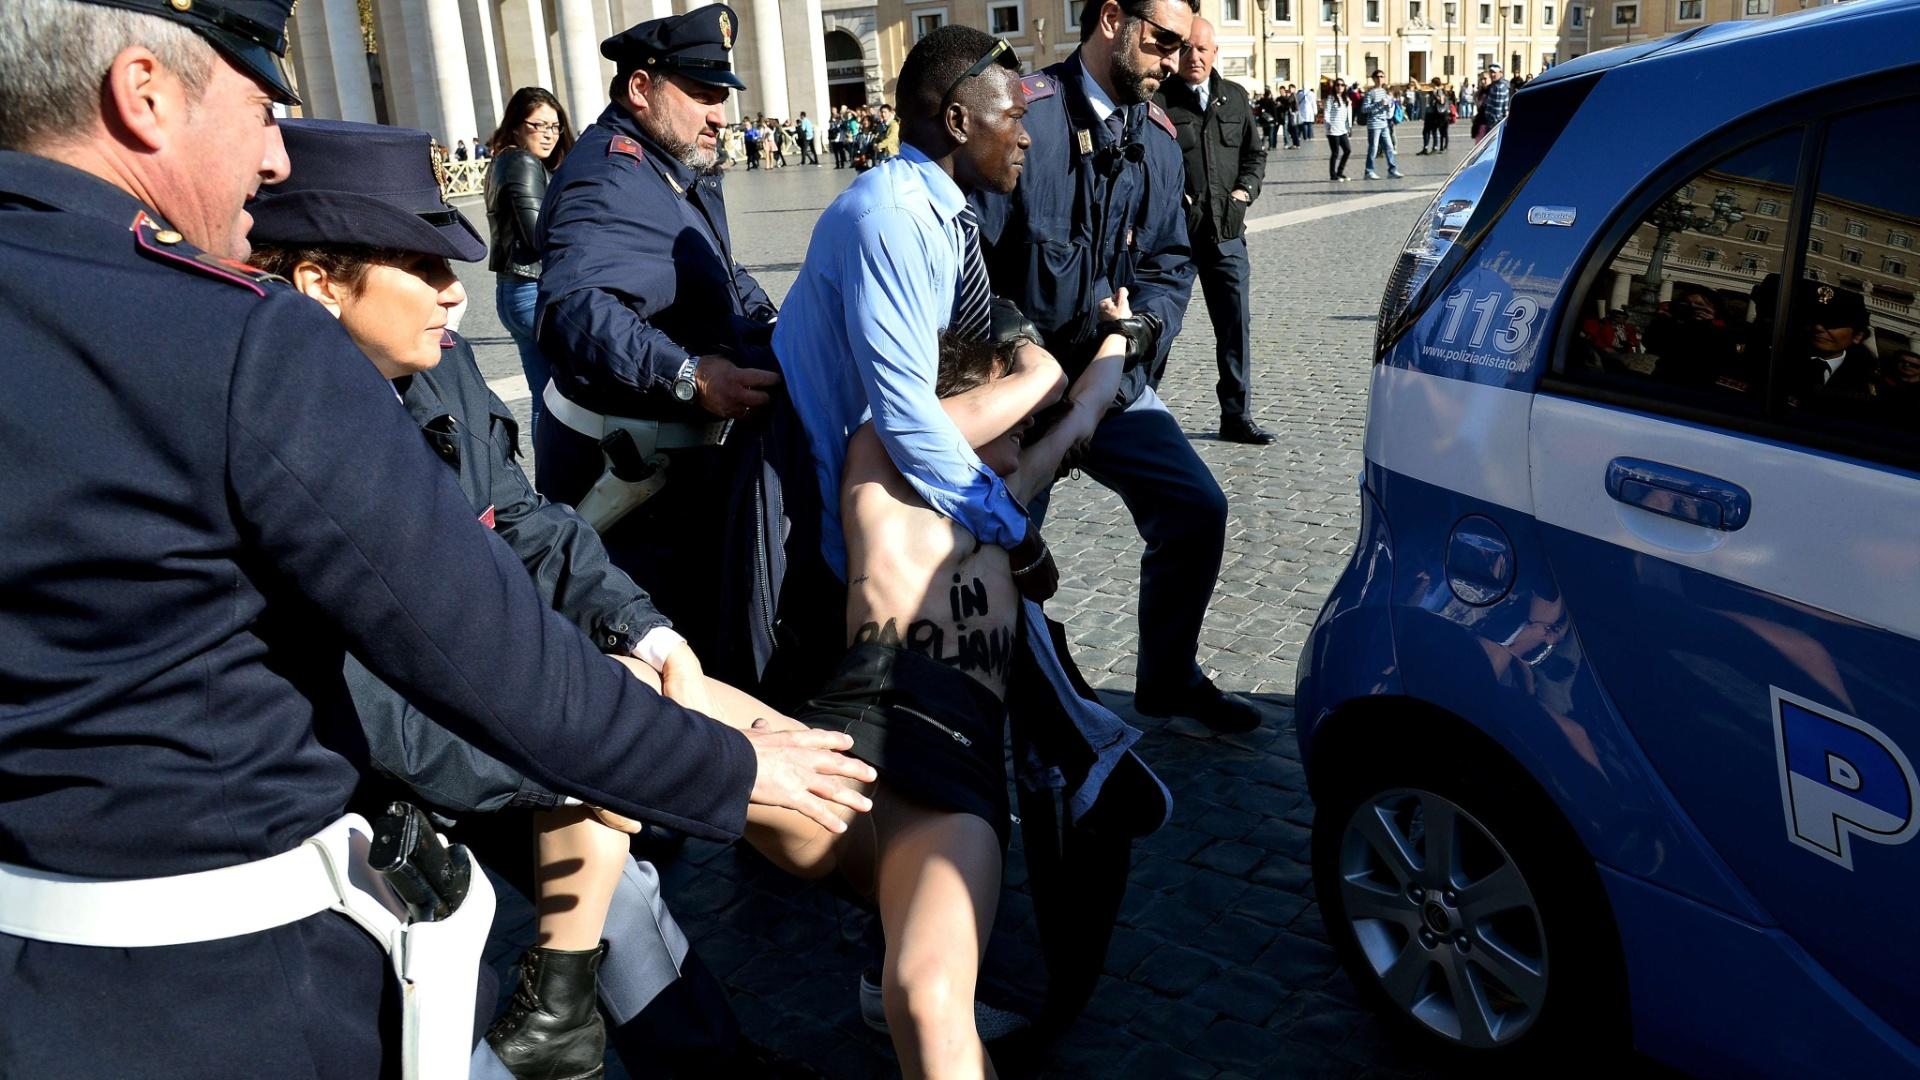 14.nov.2014 - Ativista do Femen é detida após protesto na praça São Pedro, no Vaticano, contra a visita do papa Francisco ao parlamento da União Europeia. A manifestação envolvendo três integrantes do grupo pedia o fim da influência religiosa nas decisões políticas